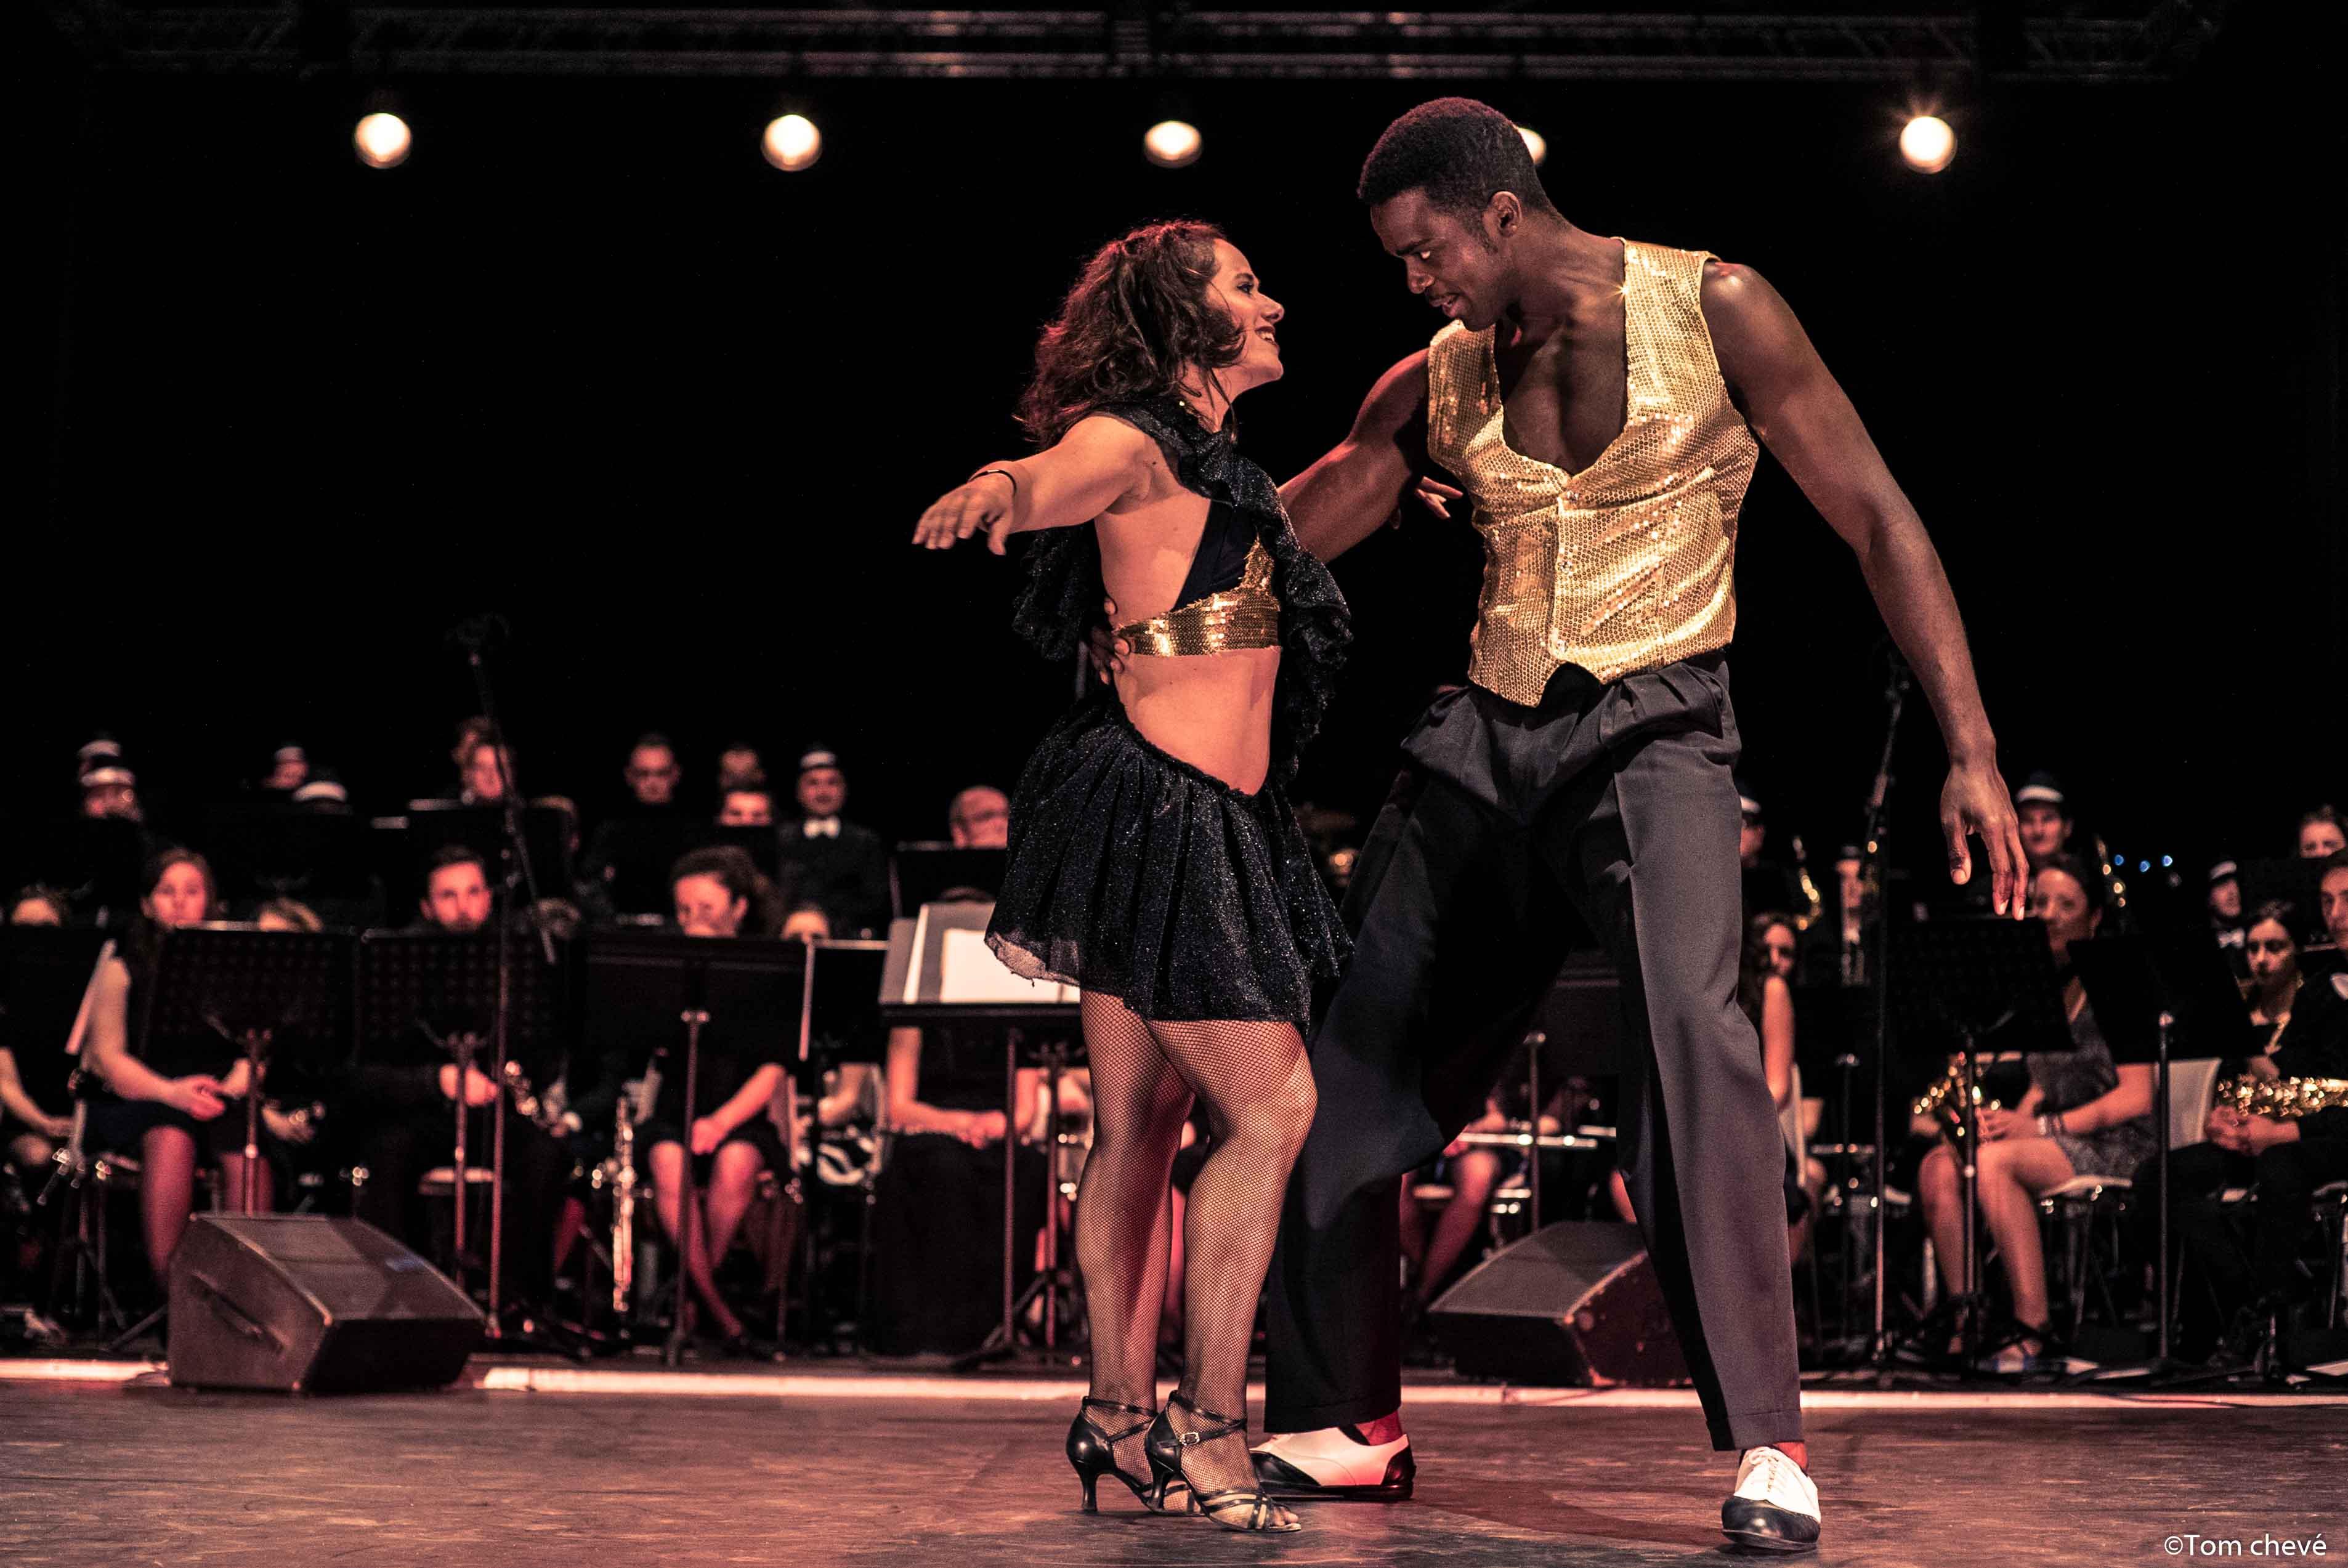 salsa, salsa hip hop fusion, Harmonie de Pontonx, salsa hip hop compagnie, salsa hip hop france, salsa hip hop paris, battle de salsa hip hop, xtremambo, rodrigue lino, mambo paris, breakdance, shine, breakdance en talons, beauté, muscles, salsa cubaine, salsa portoricaine, fitness, workout, show, Hip hop international , spectacle de danse, spectacle de salsa hip hop, show de salsa hip hop, paris salsa hip hop battle, centquatre paris,